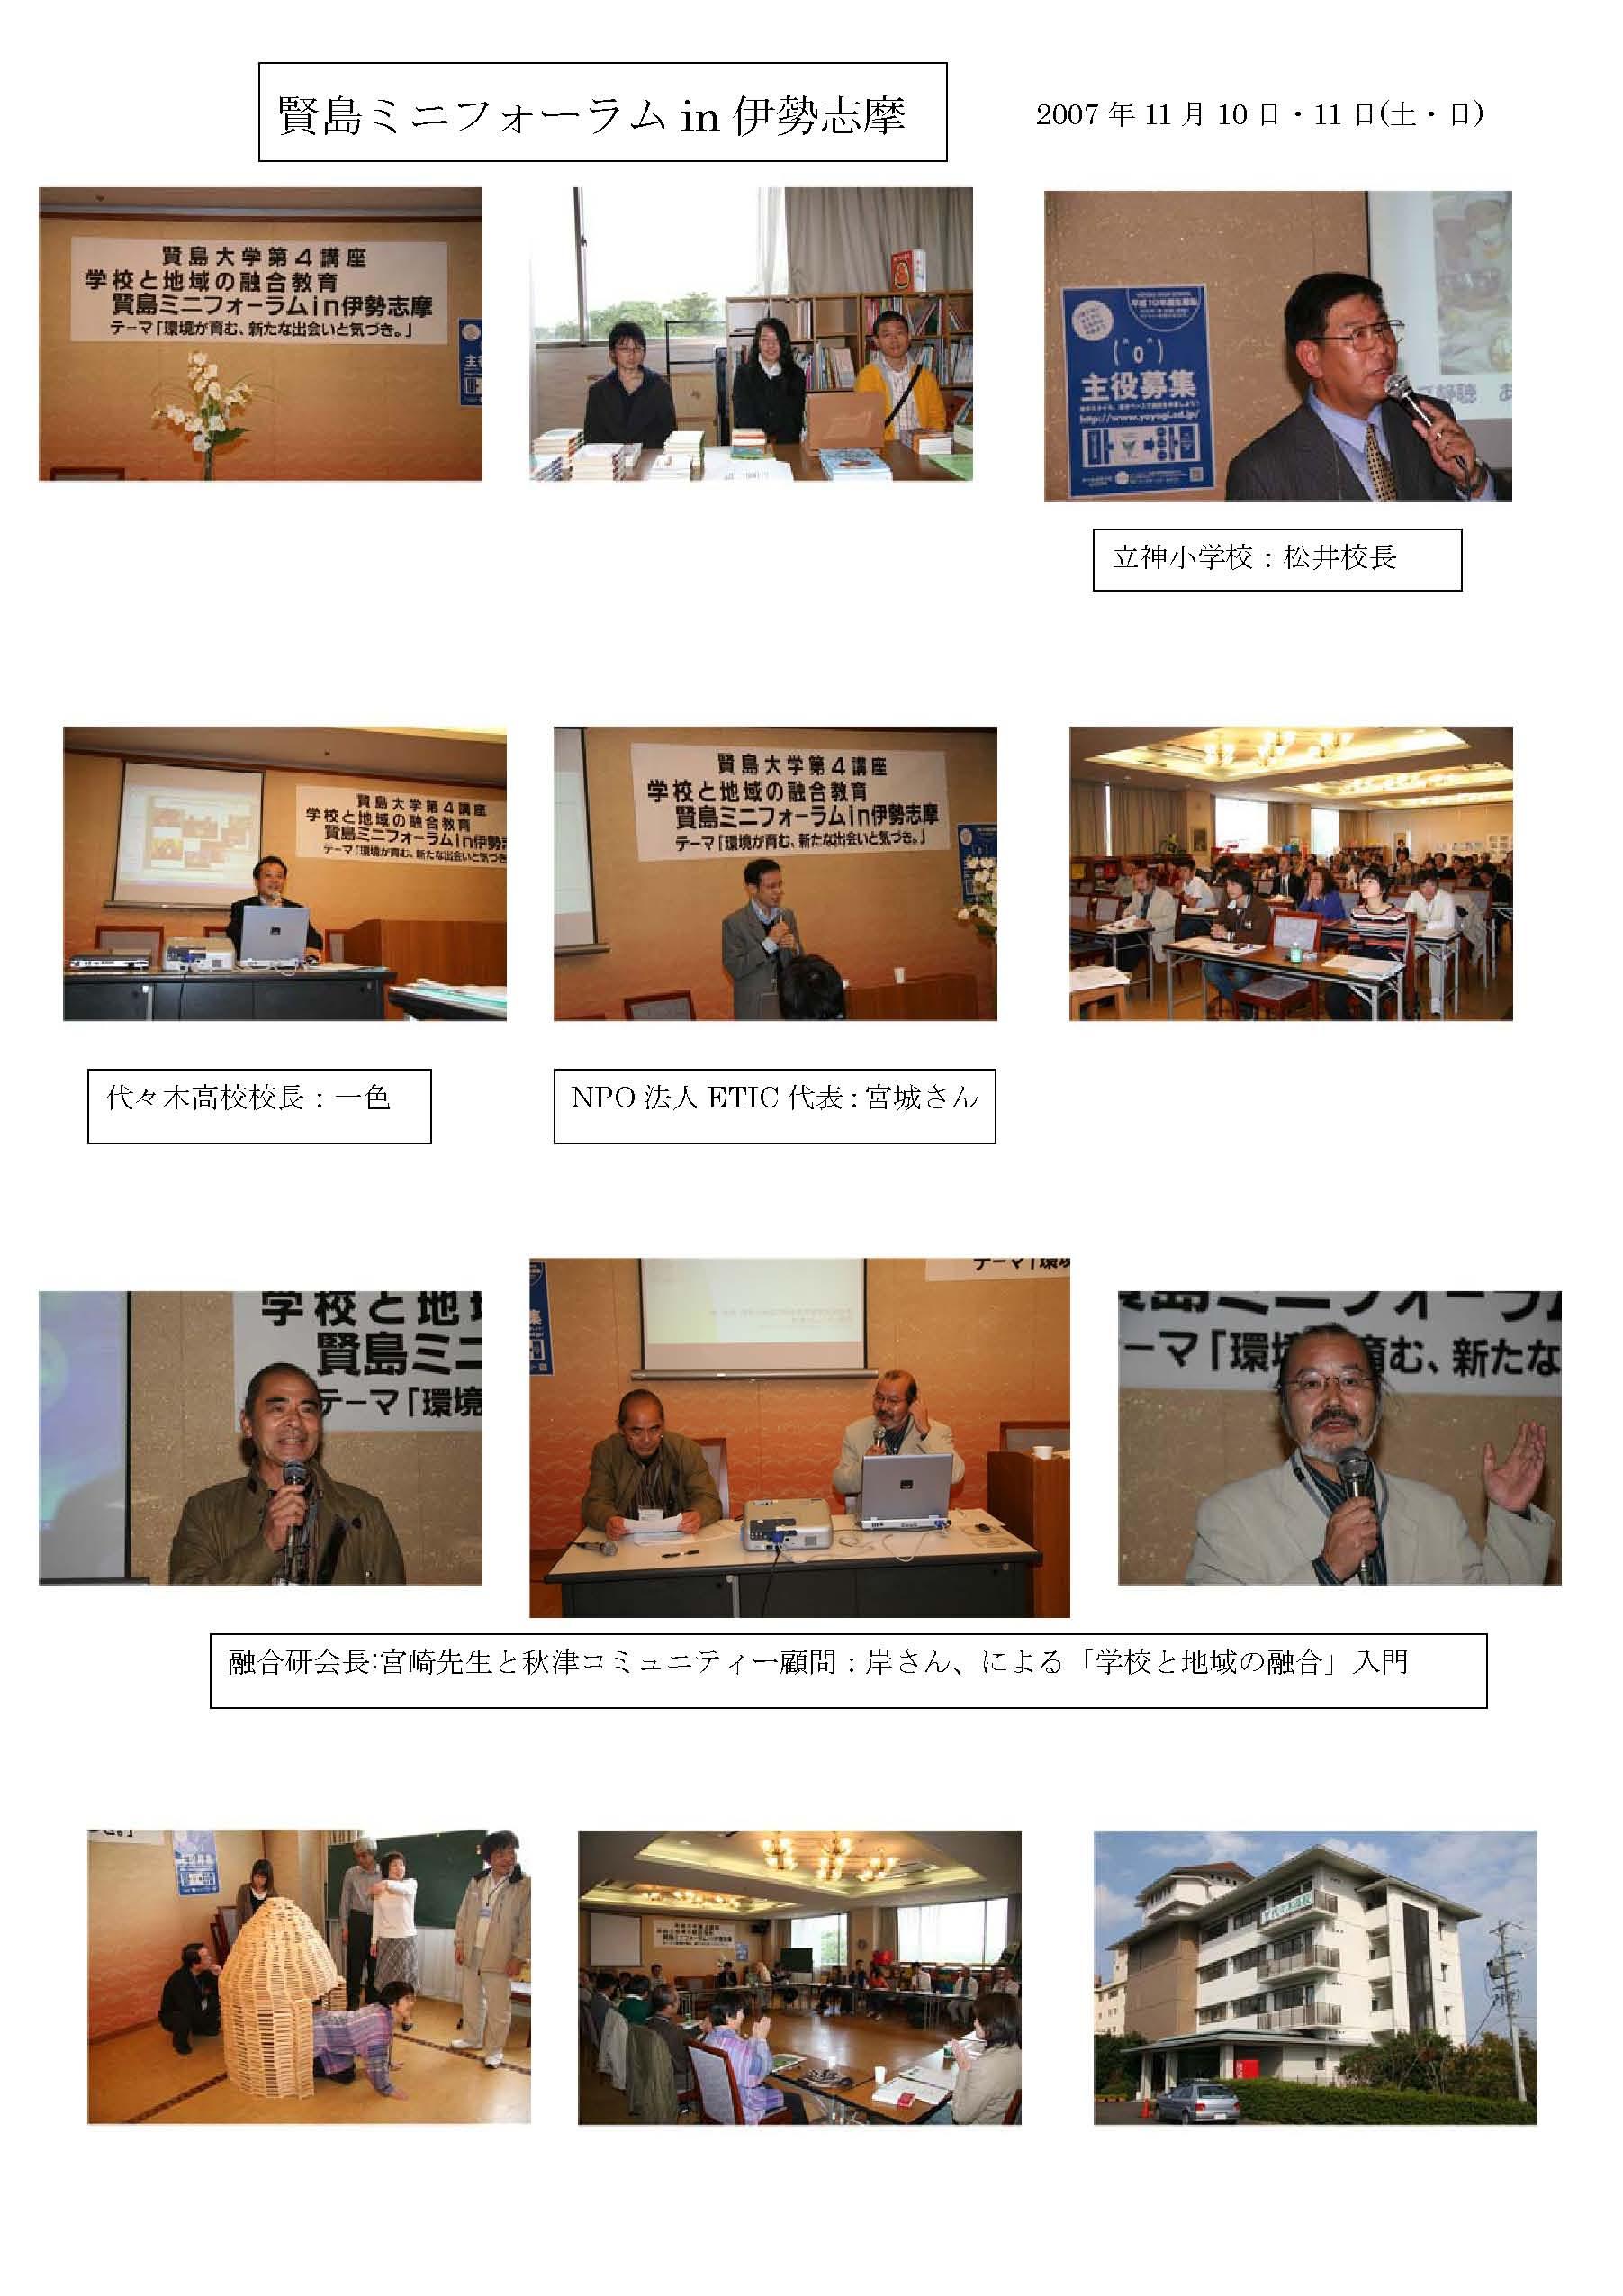 http://iseshima.org/yugo-isesima.jpg